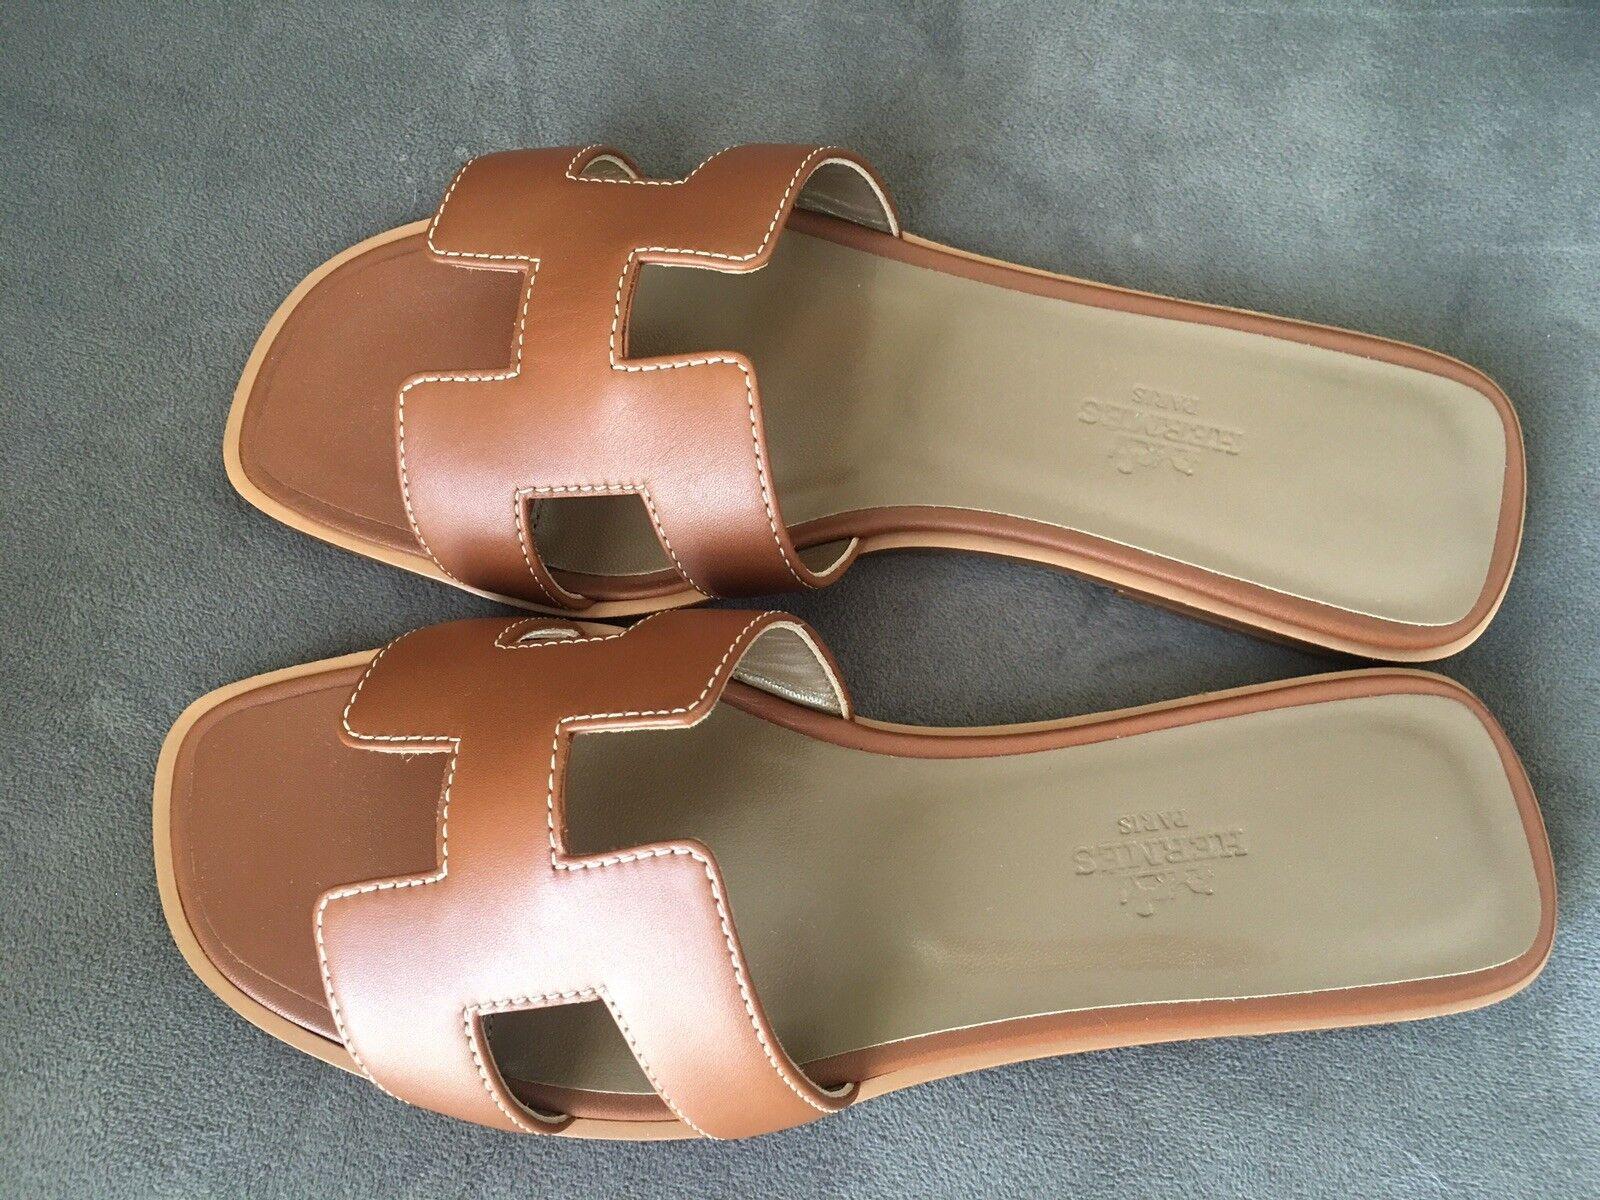 venta Nueva Hermes Hermes Hermes oro Marrón oran Oasis Sandalia Zapatilla 37.5 Zapatos Planos Mocasín  Ahorre 35% - 70% de descuento